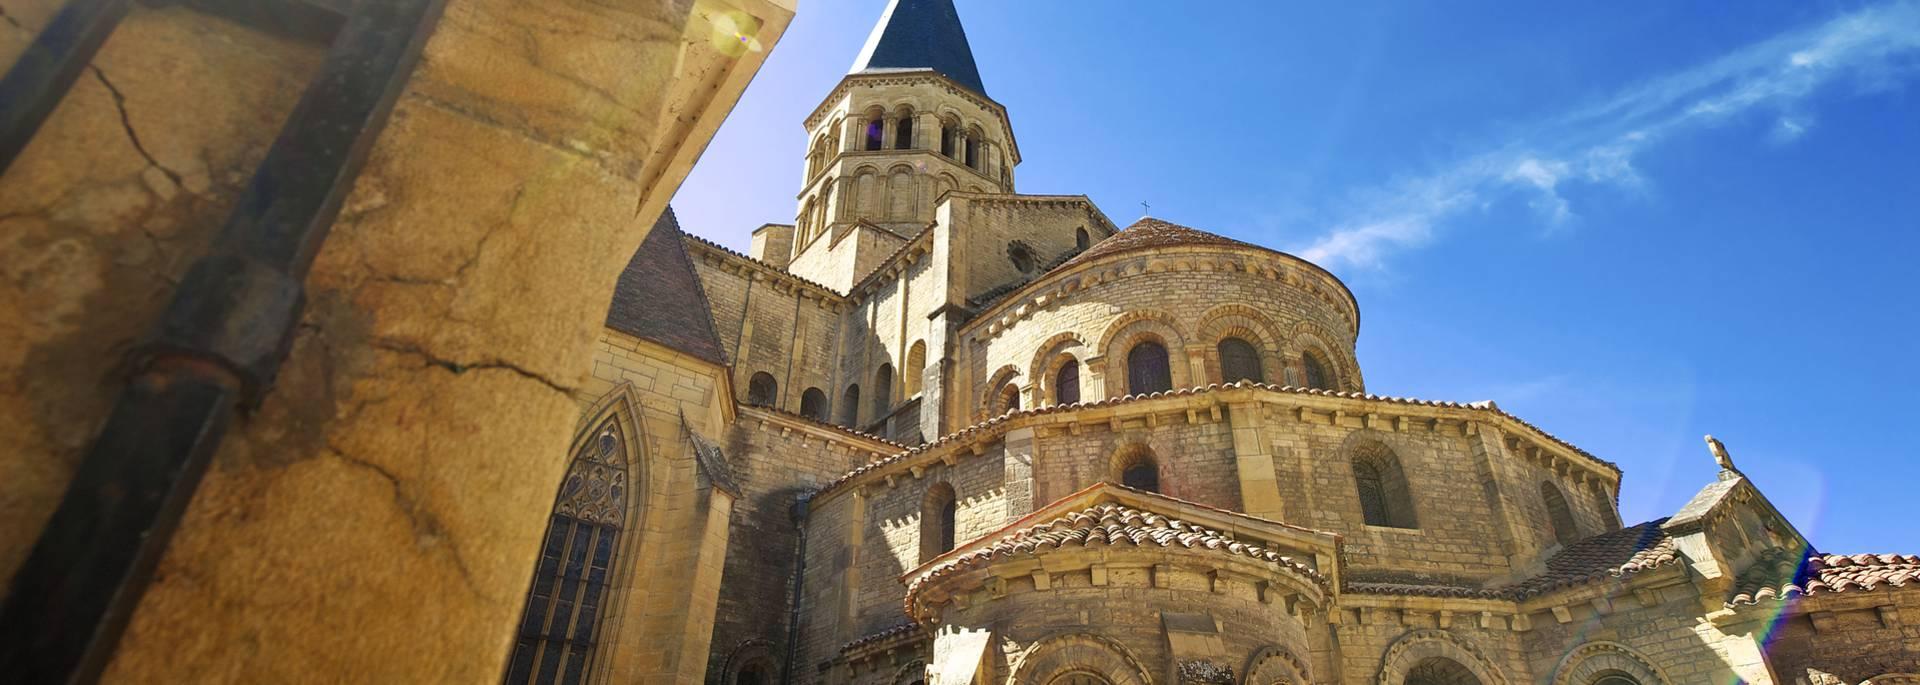 Basilique de Paray-le-Monial. © Pays Charolais-Brionnais, Olivier Champagne.